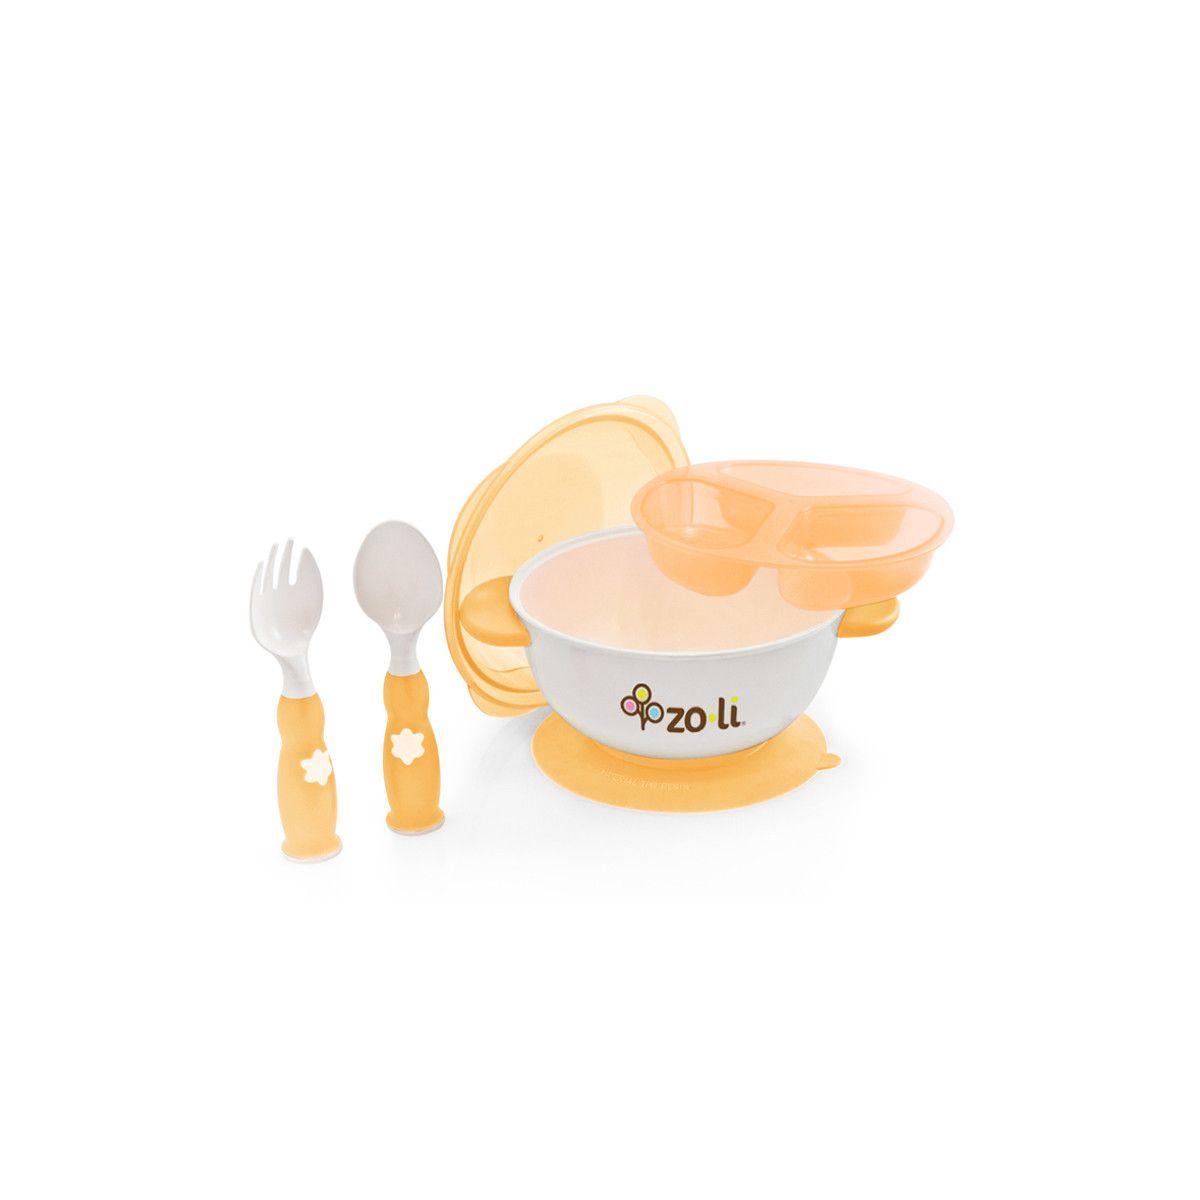 kit repas avec bol ventouse et couverts orange sans bpa ni. Black Bedroom Furniture Sets. Home Design Ideas